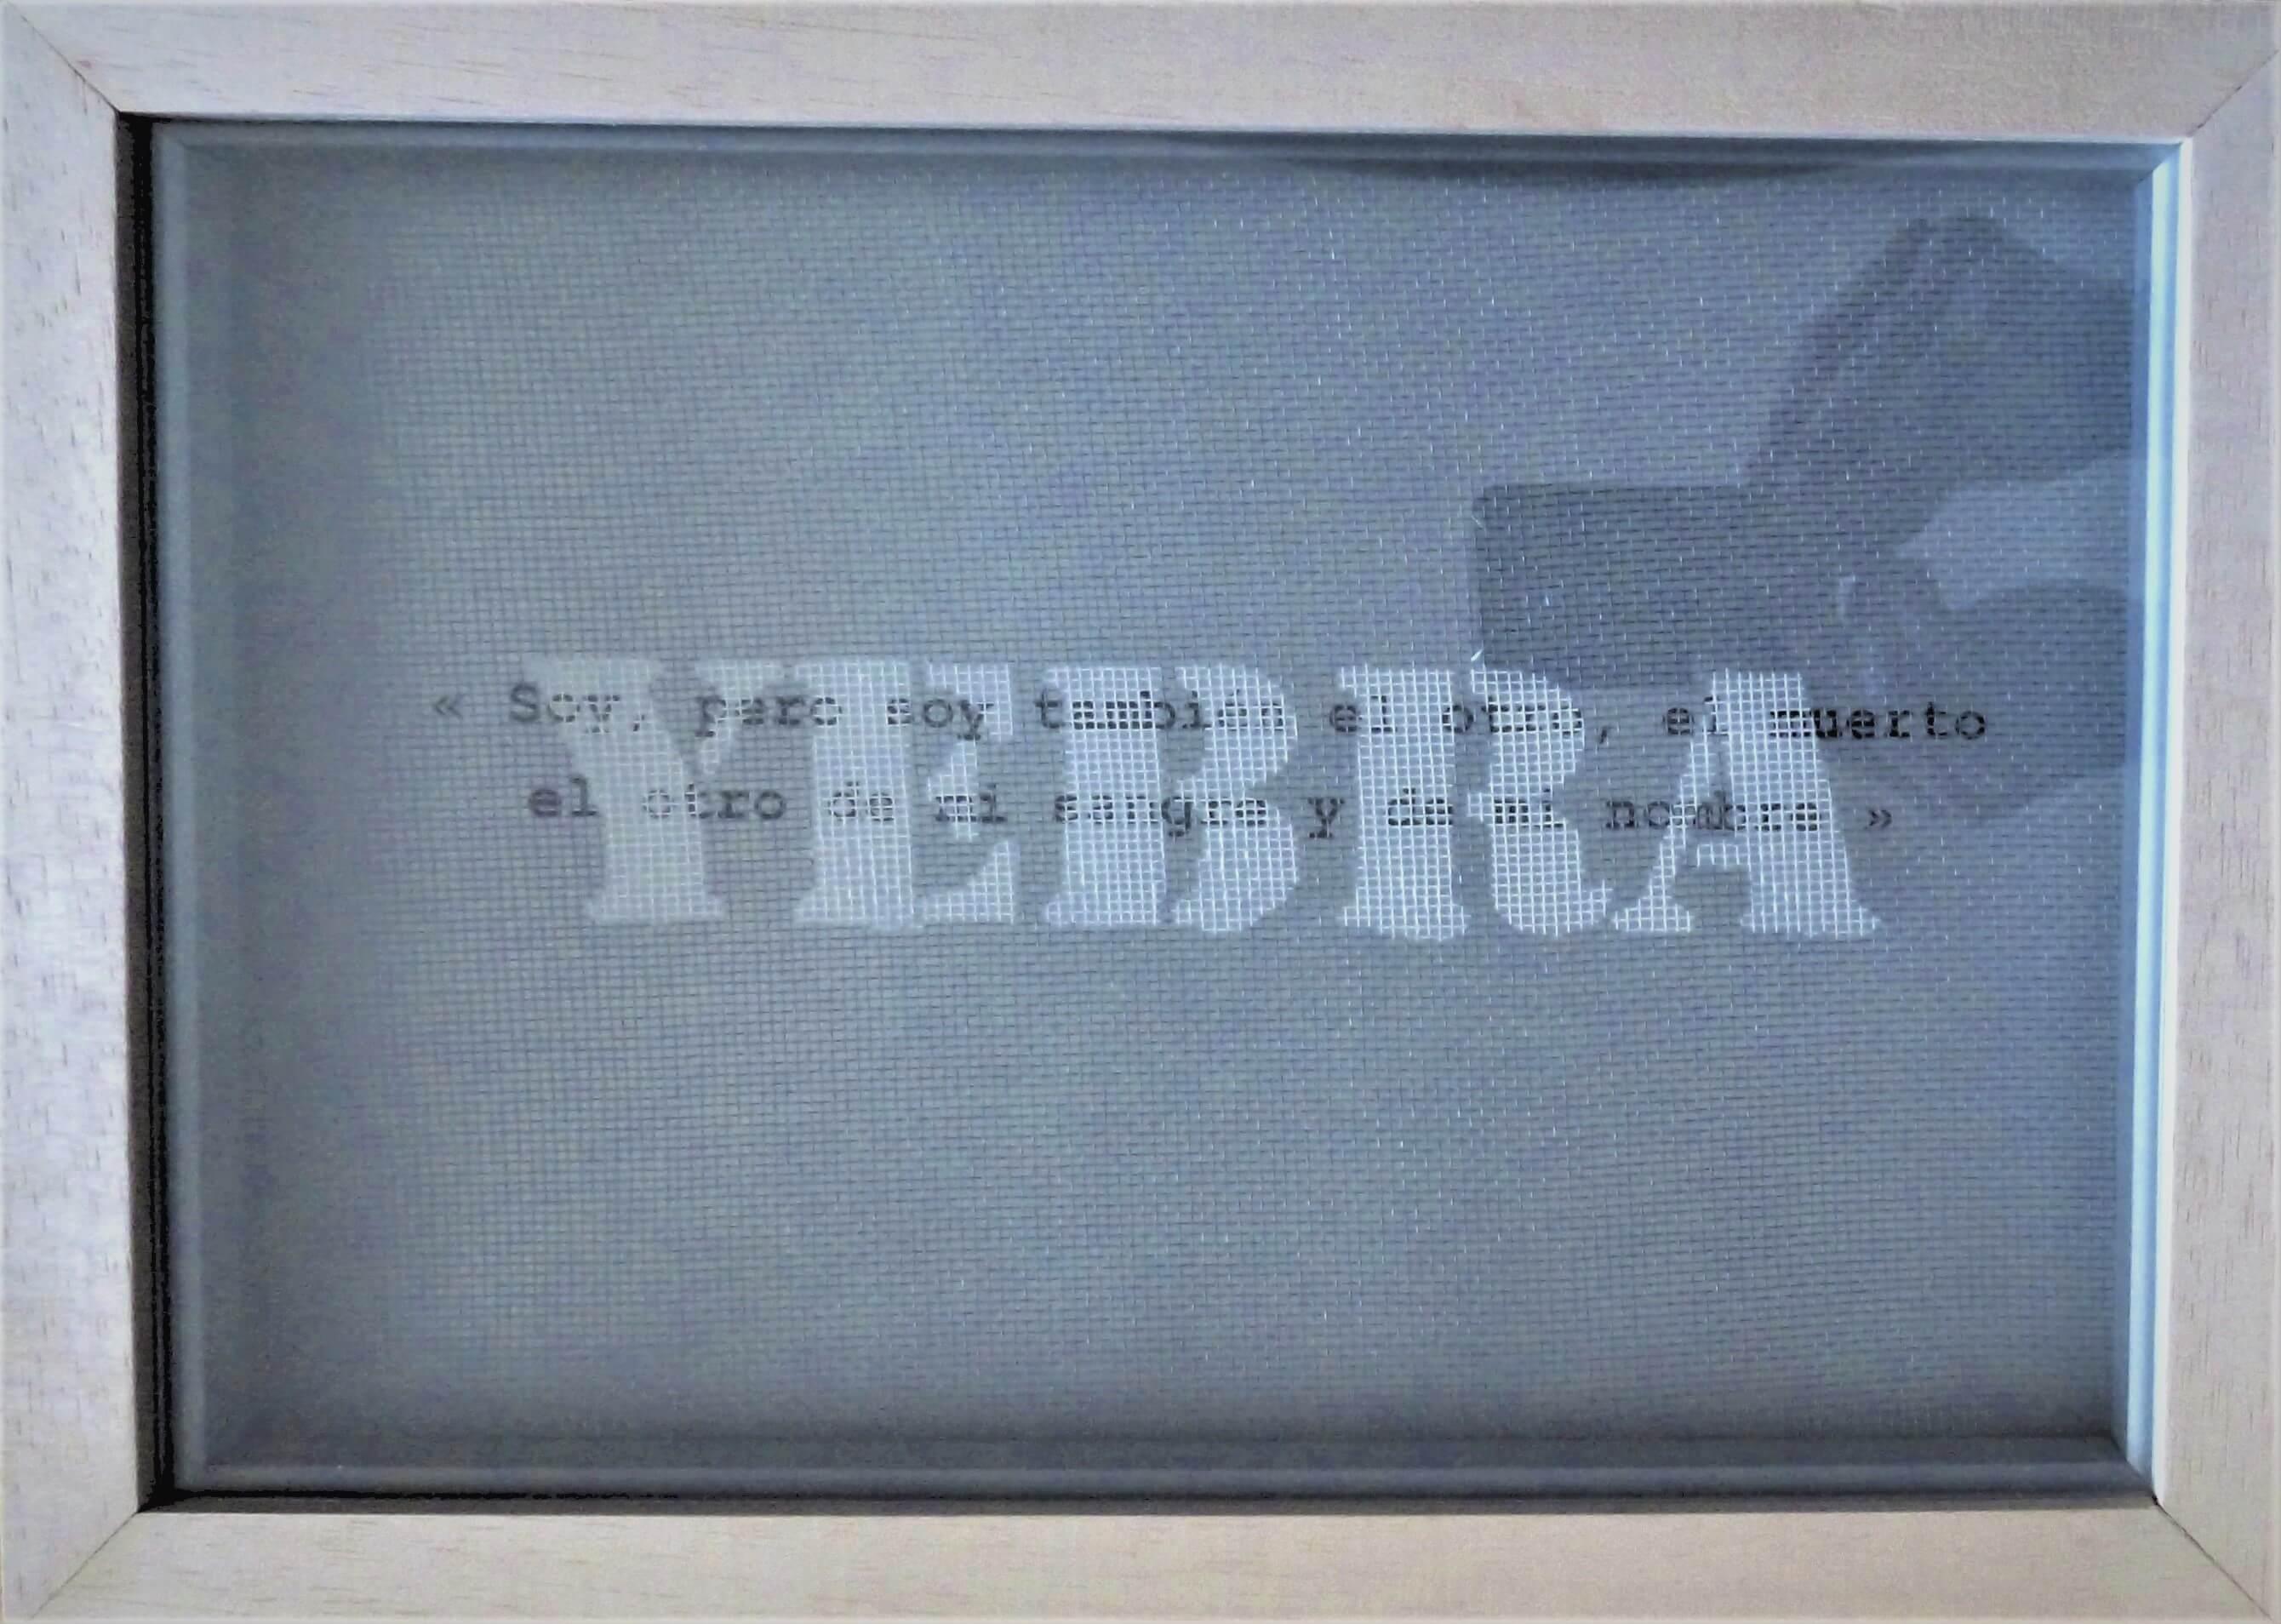 aérosol sur un filet plastique, impression sur papier citation de Jorge Luis Borges «Soy, pero soy también el otro, el muerto el otro de mi sangre y de mi nombre)